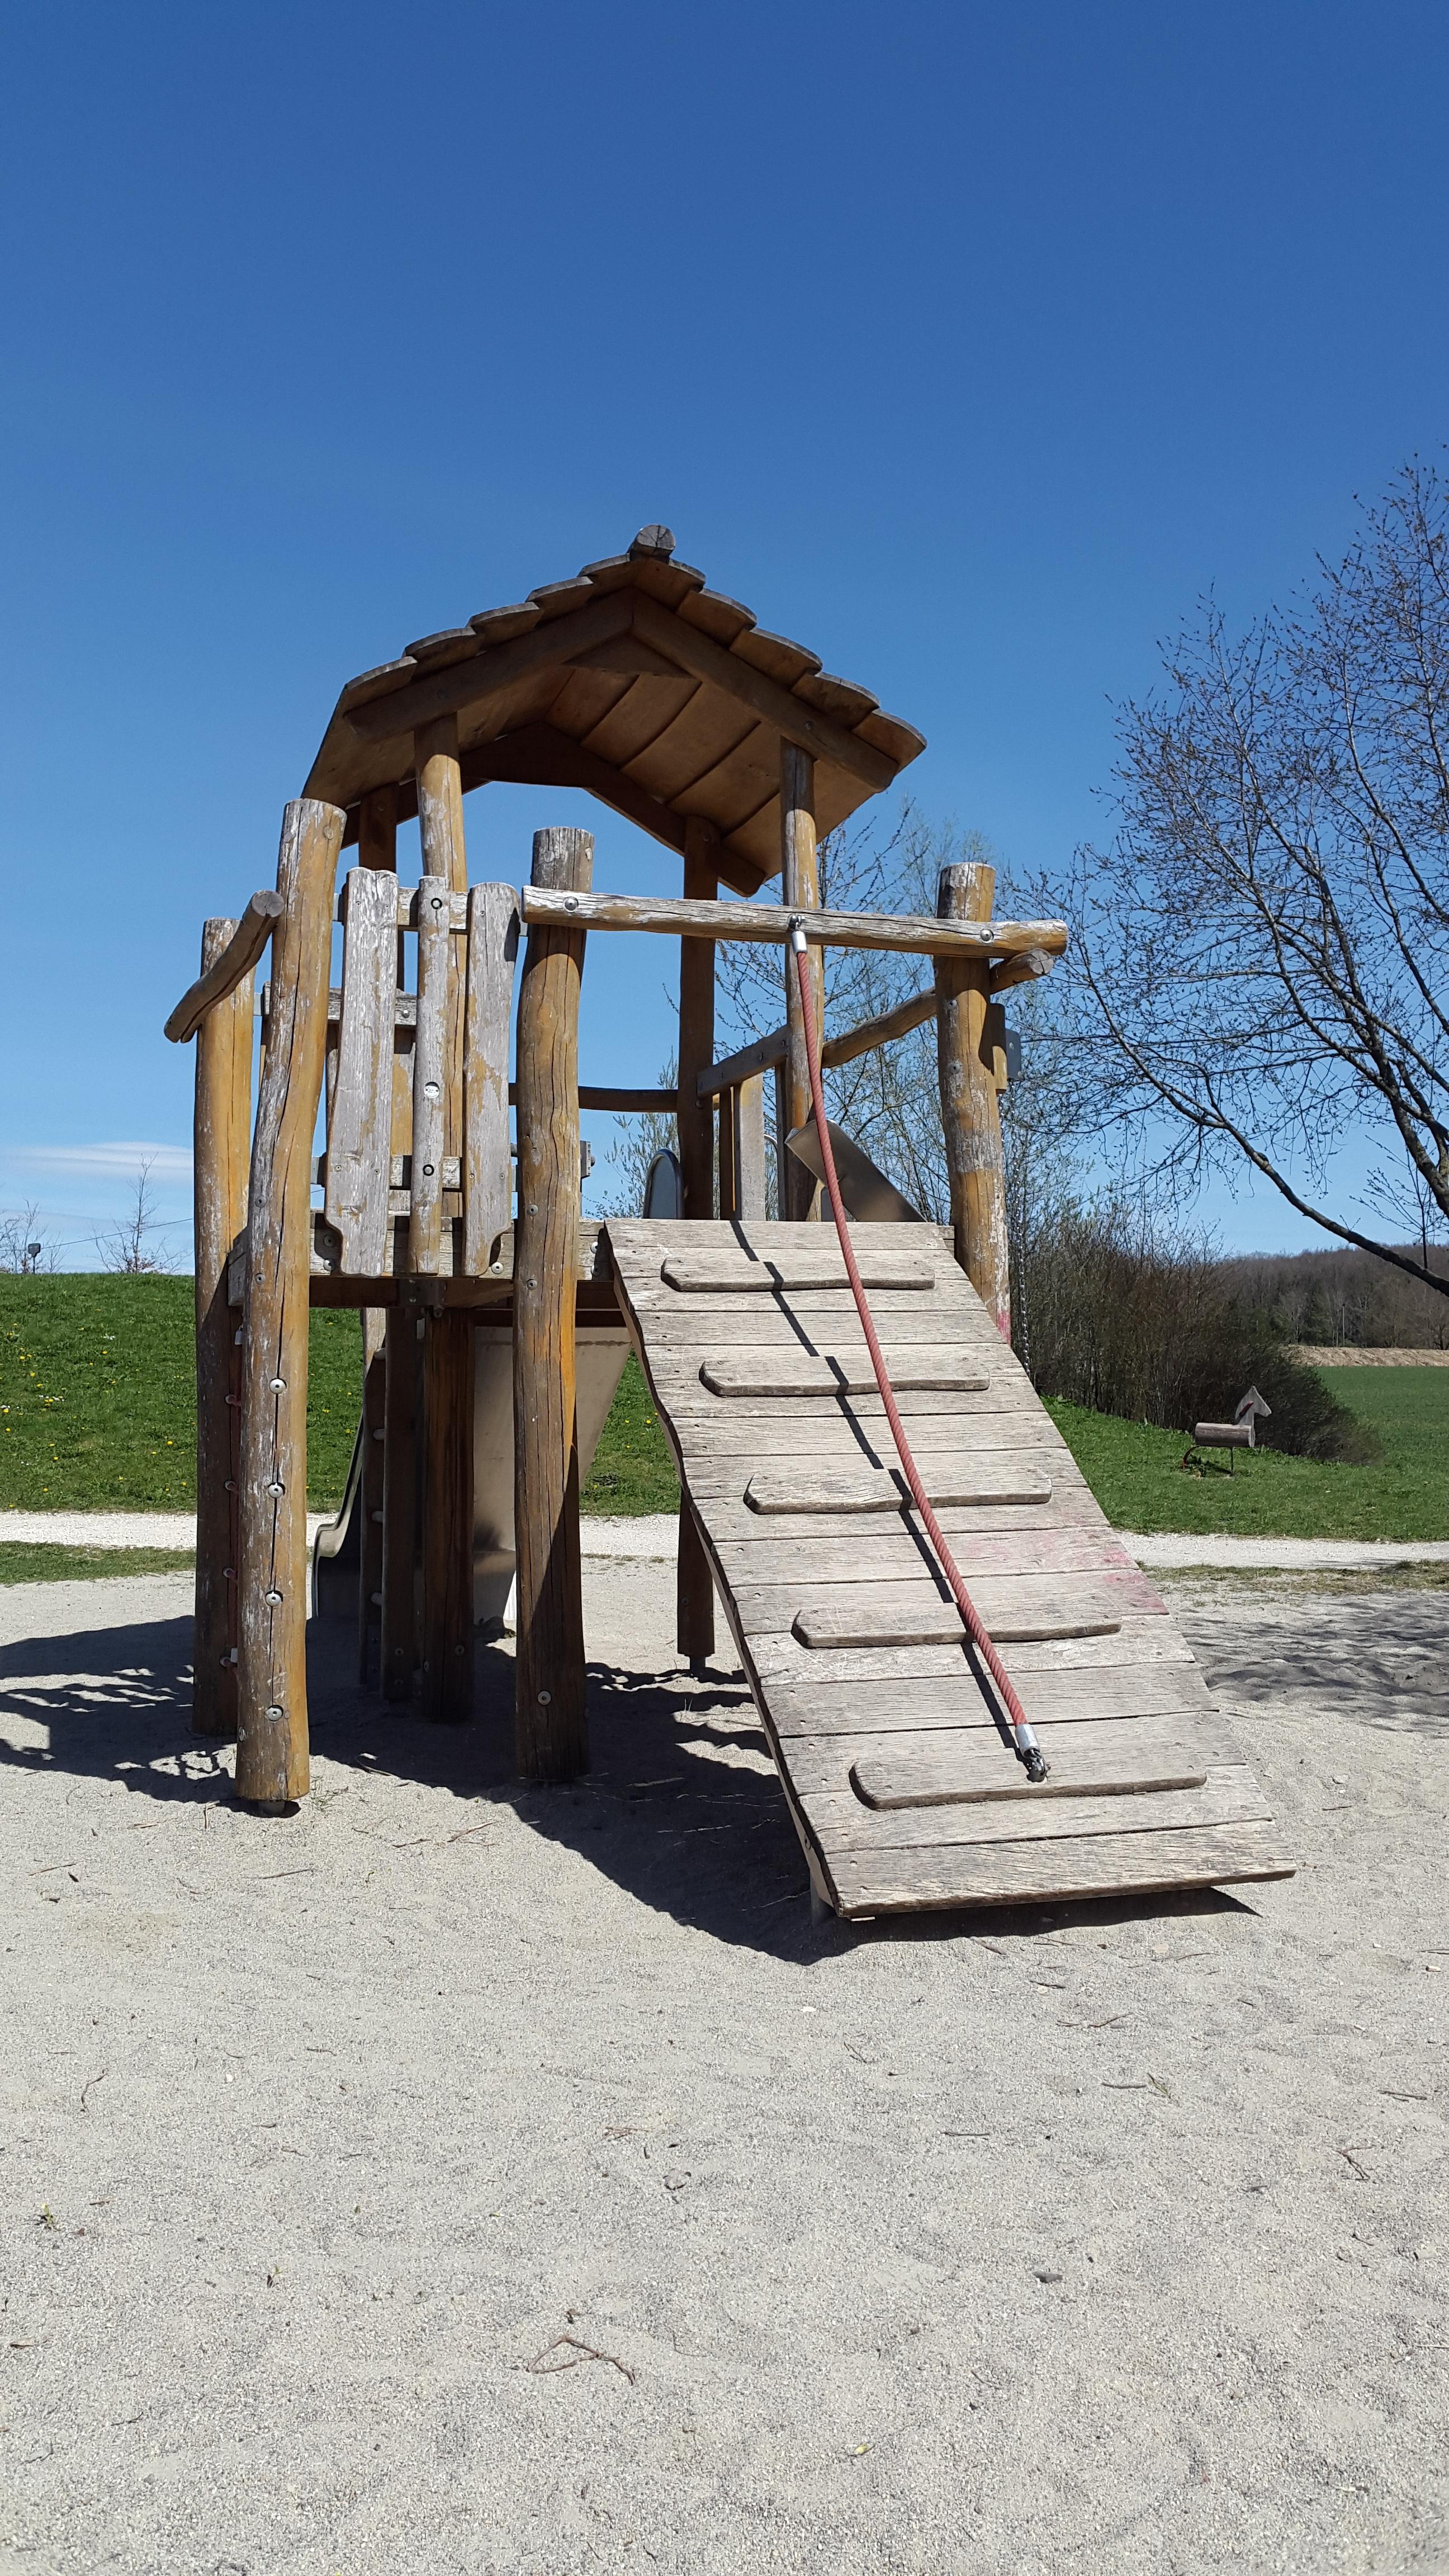 Fotos gratis madera jugar ciudad bar caba a mueble espacio